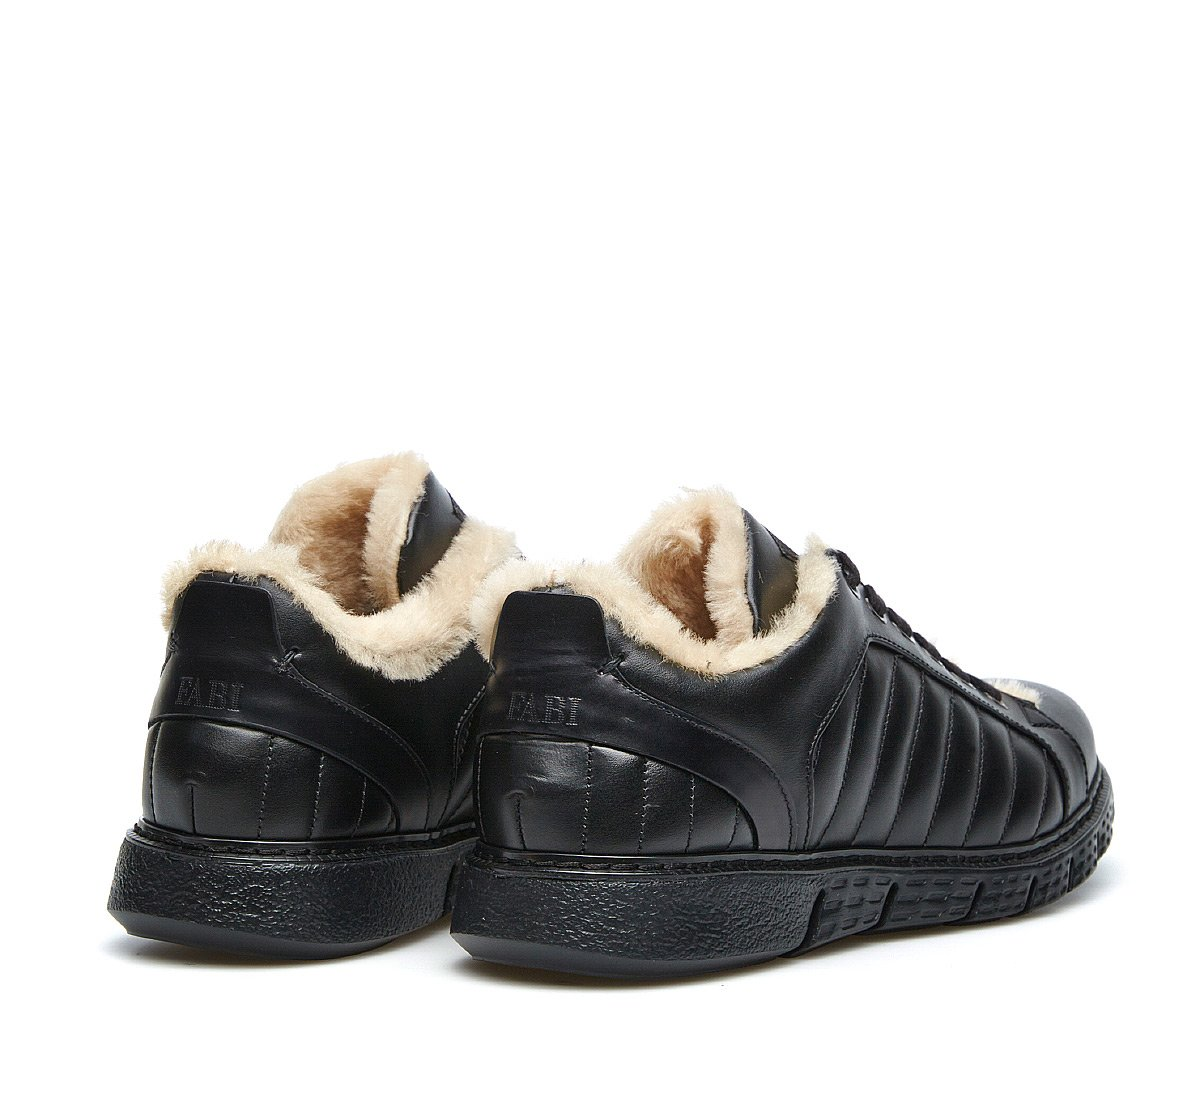 Fabi Seattle sneakers